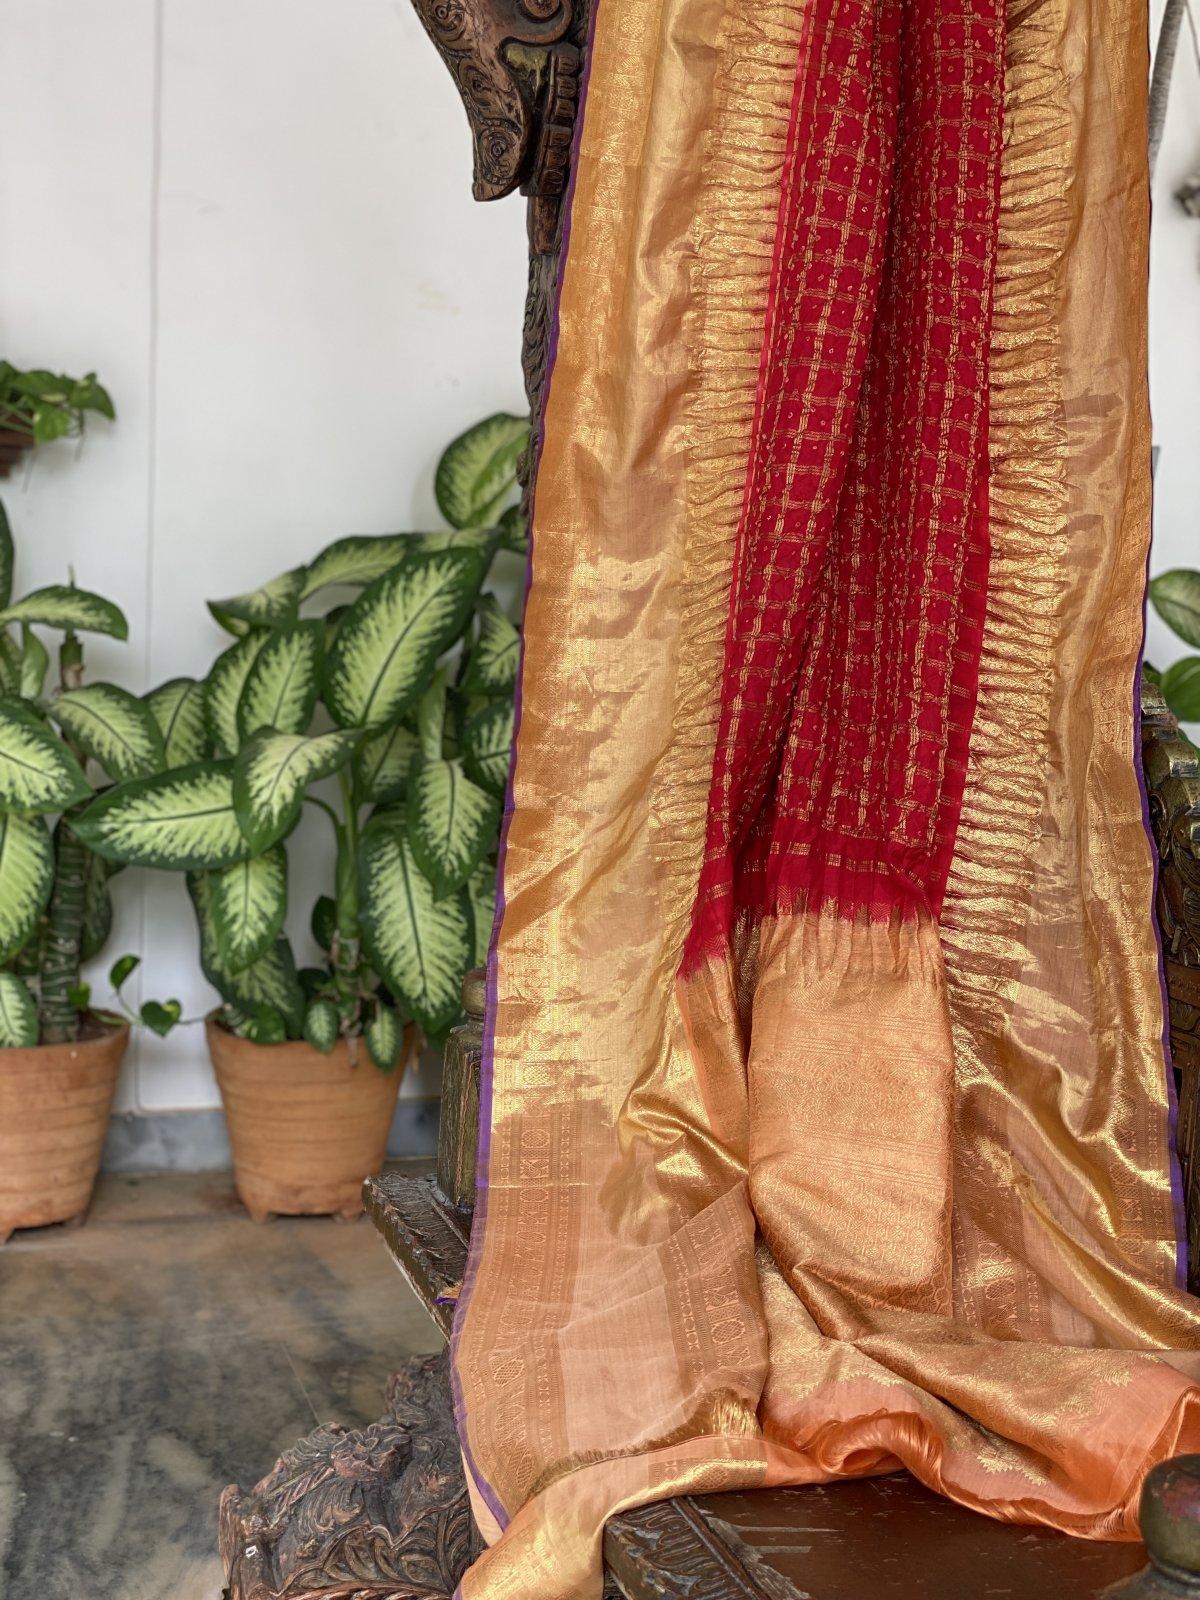 Ruby Red Bandhej Kanchi Saree